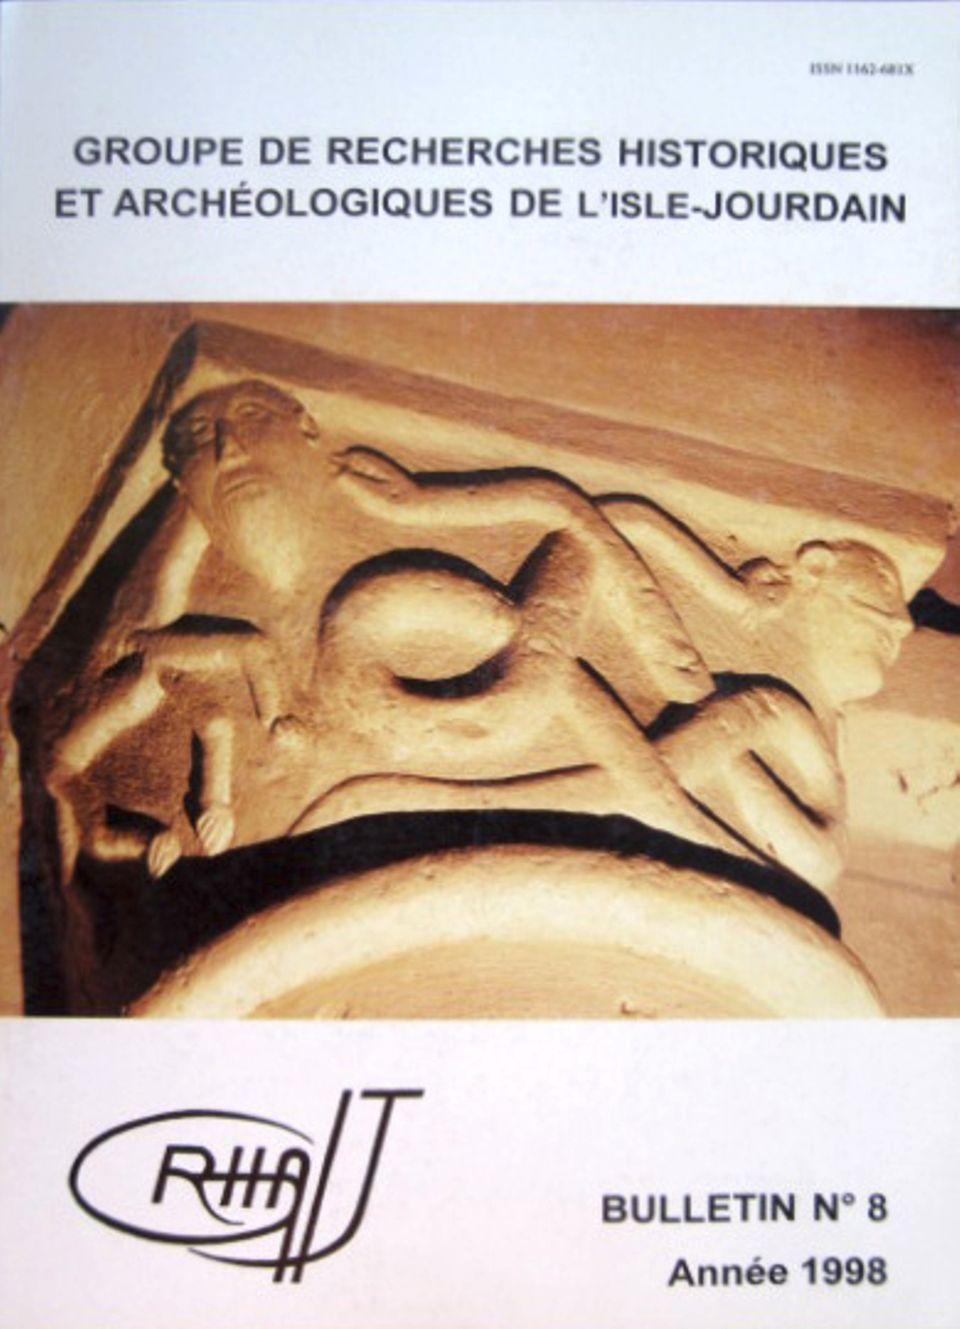 Bulletin du GRHAIJ, Bulletin n°8 - 1998,